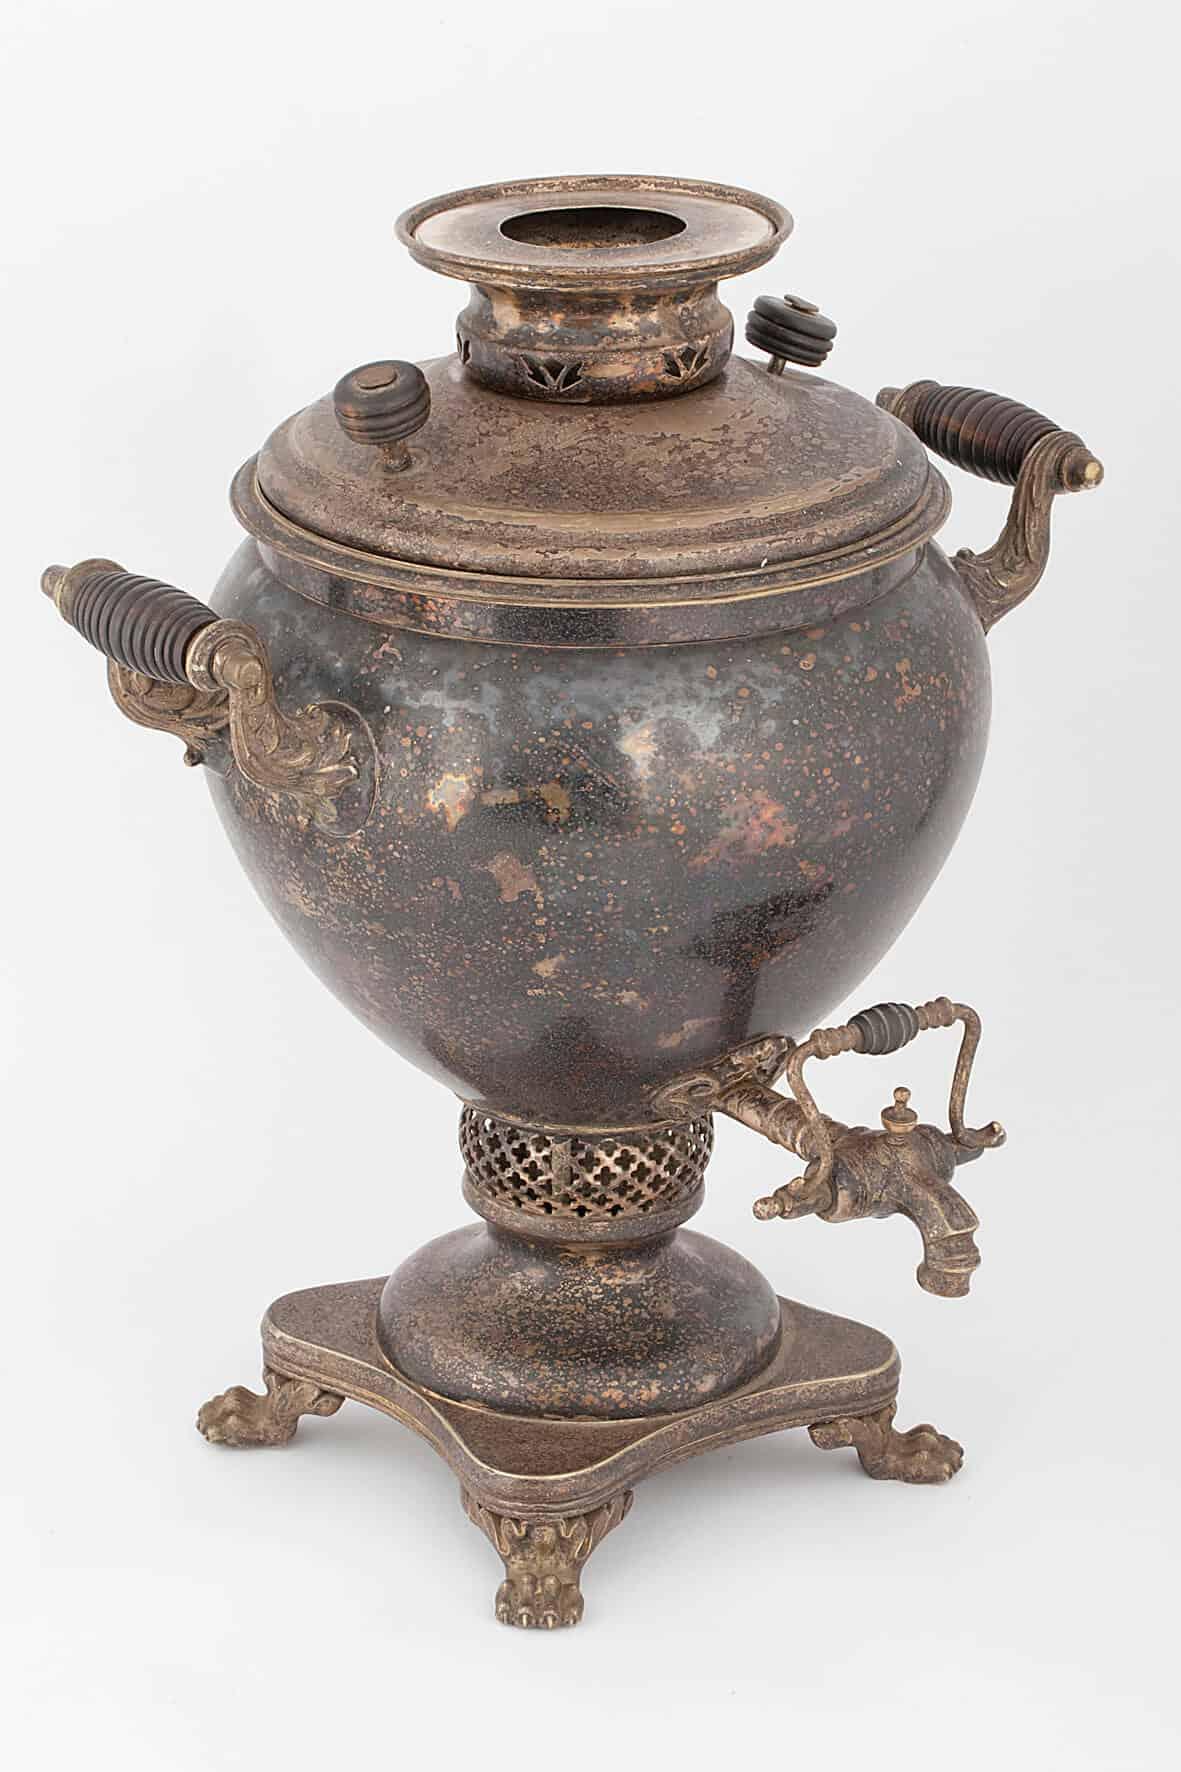 КБ 492 | Самовар ваза с фигурными ножками | Музей самоваров и бульоток